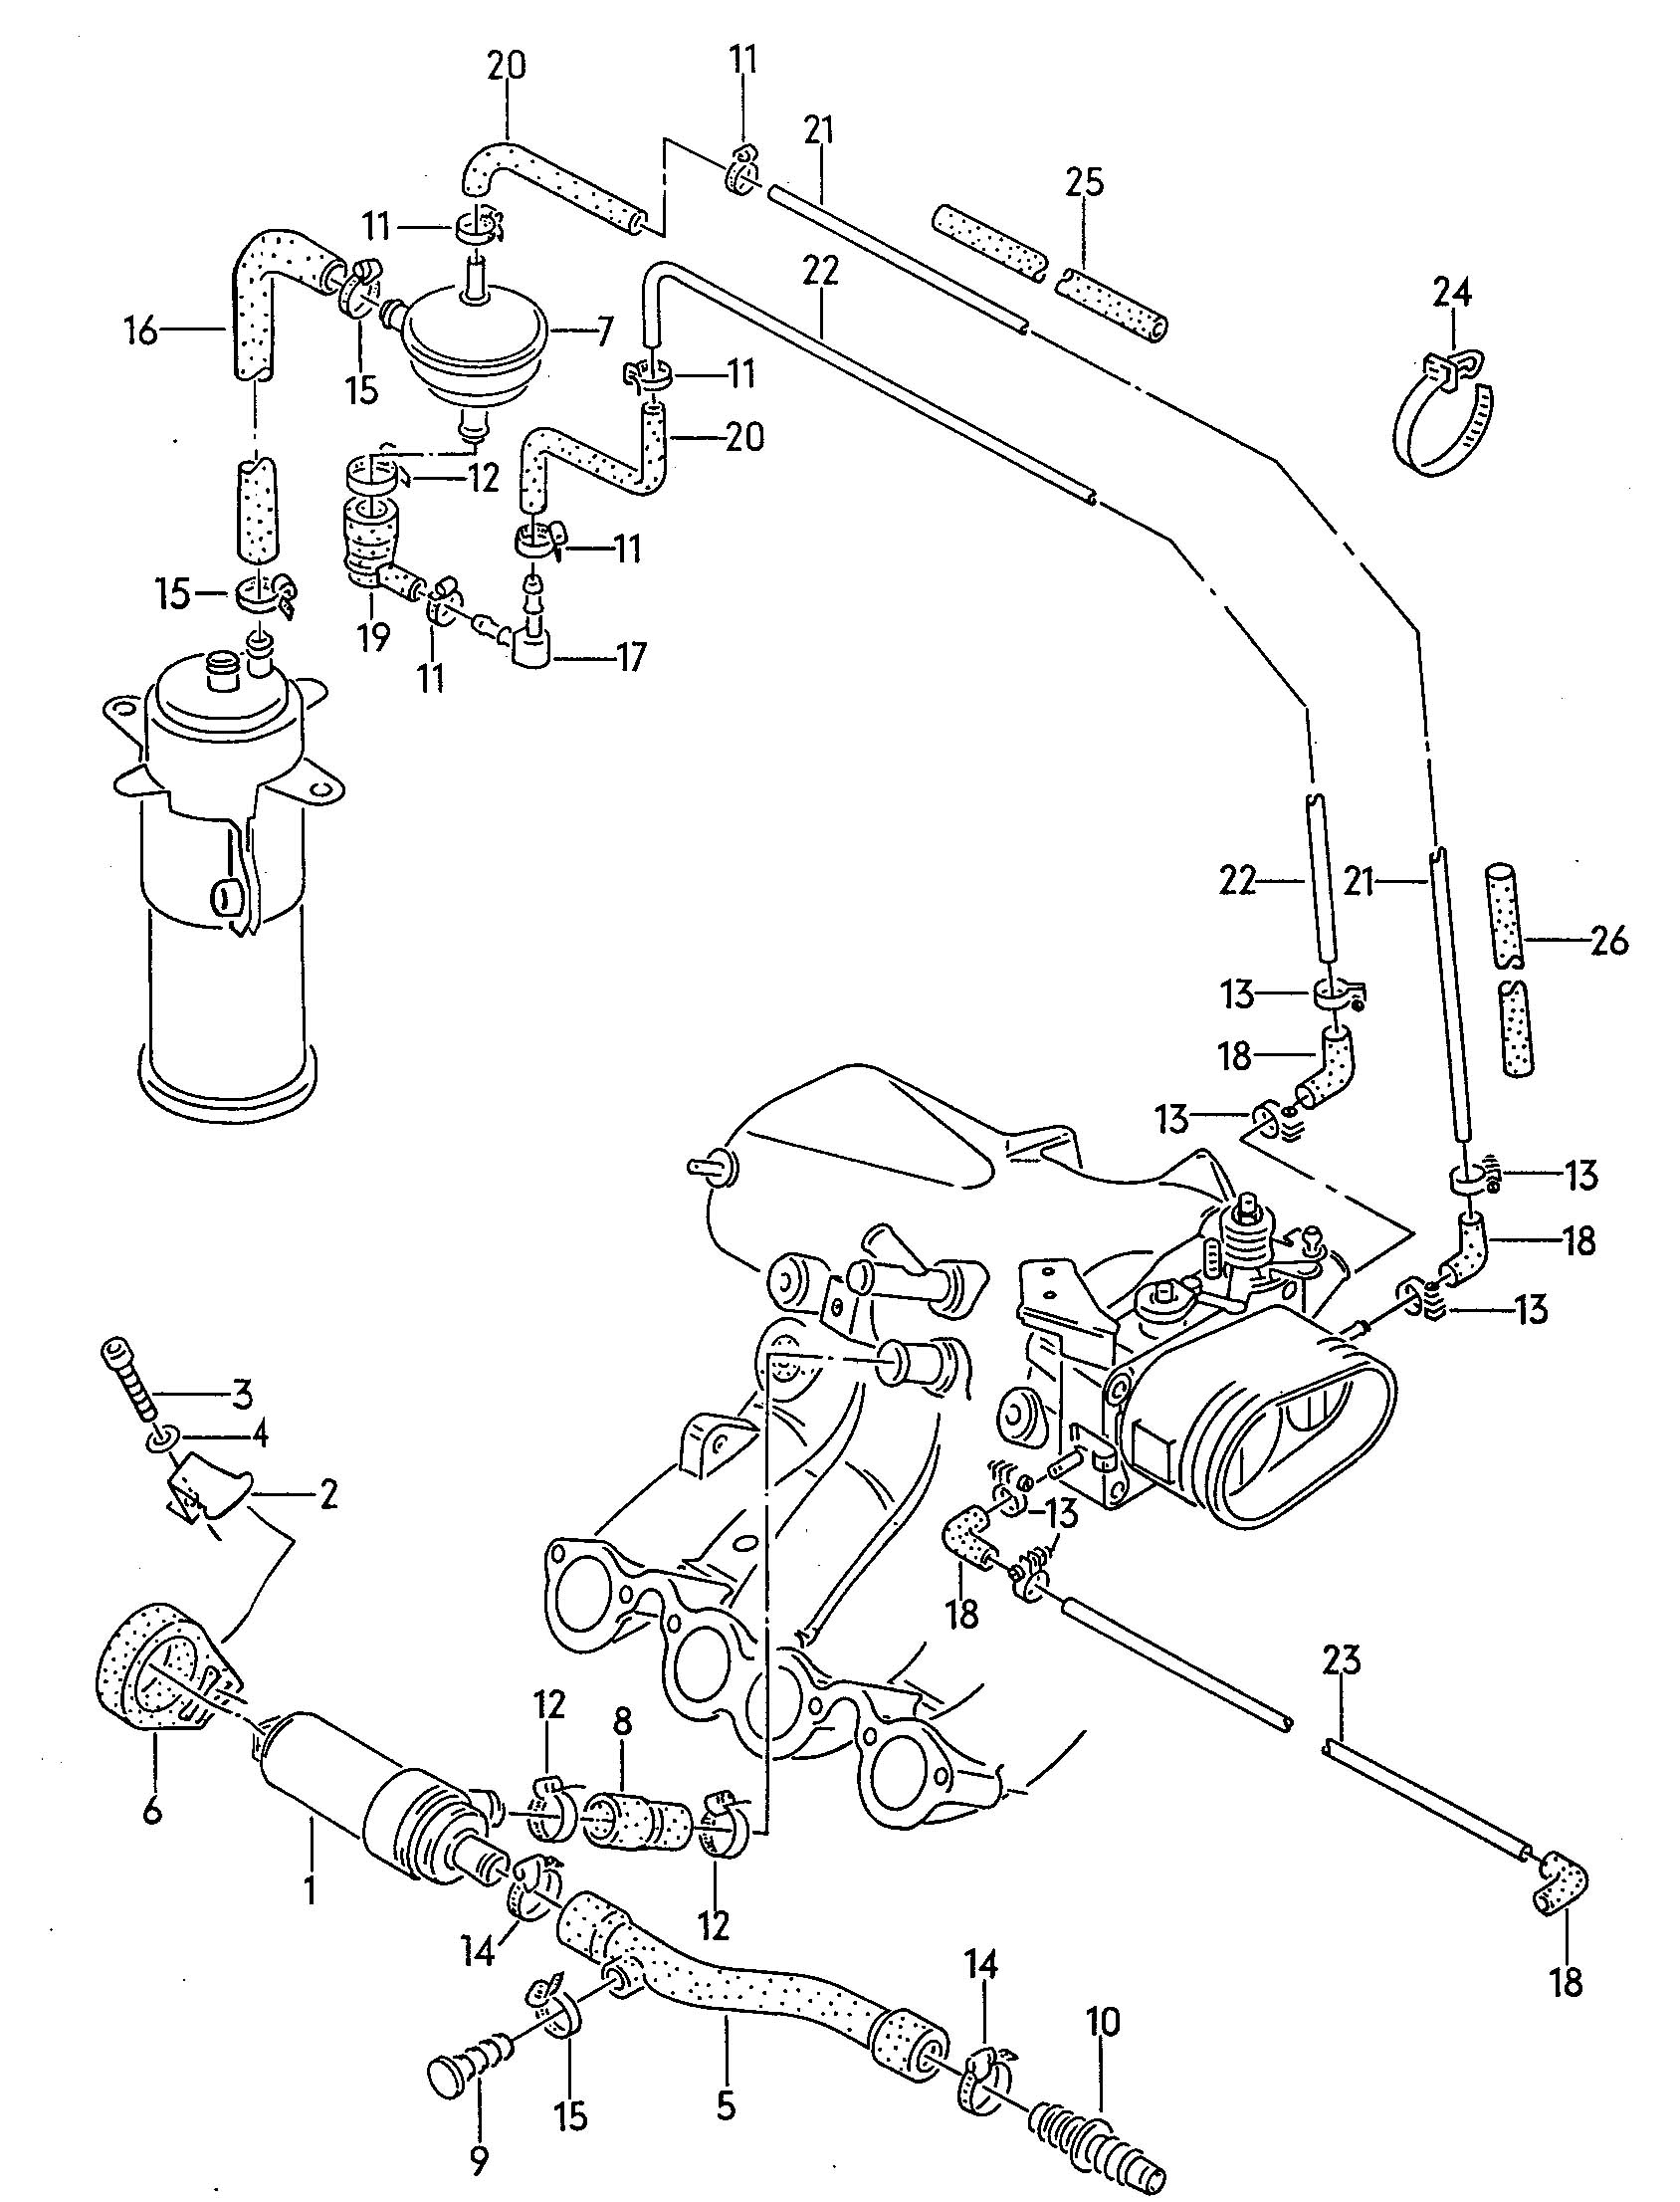 85 Vw Cabriolet Engine